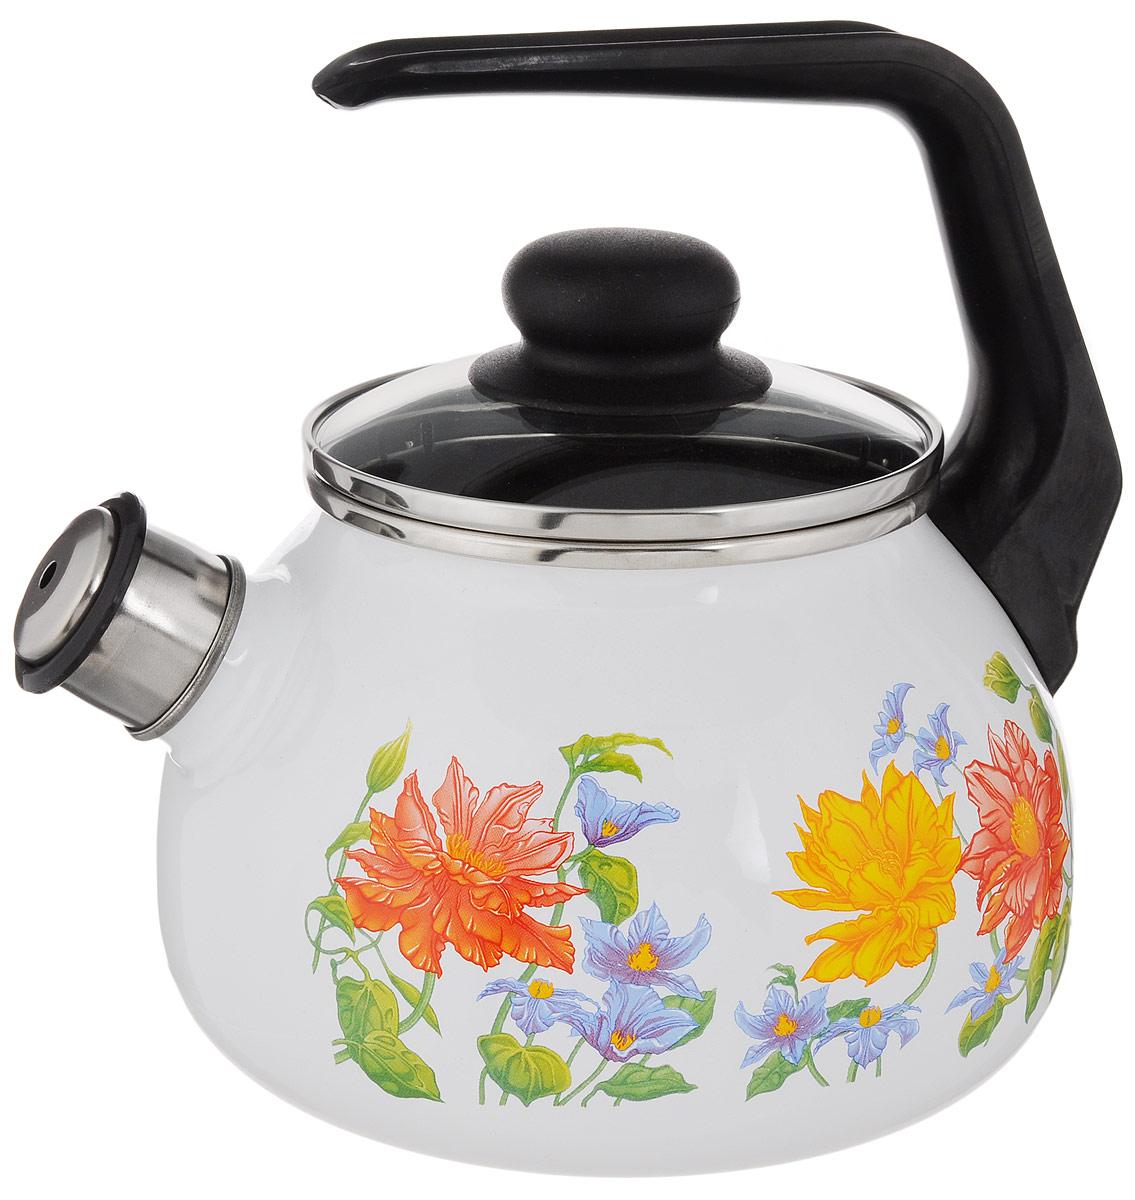 Чайник эмалированный СтальЭмаль Цветочный, со свистком, 2 л4с210/яЧайник СтальЭмаль Цветочный выполнен из высококачественной стального проката, покрытого двумя слоями жаропрочной эмали. Такое покрытие защищает сталь от коррозии, придает посуде гладкую стекловидную поверхность и надежно защищает от кислот и щелочей. Носик чайника оснащен свистком, звуковой сигнал которого подскажет, когда закипит вода. Чайник оснащен фиксированной ручкой из пластика и стеклянной крышкой, которая плотно прилегает к краю благодаря особой конструкции. Внешние стенки декорированы красочным изображением цветов. Эстетичный и функциональный чайник будет оригинально смотреться в любом интерьере. Подходит для газовых, электрических, стеклокерамических плит, включая индукционные. Можно мыть в посудомоечной машине. Диаметр (по верхнему краю): 12,5 см.Высота чайника (с учетом ручки и крышки): 20,5 см.Высота чайника (без учета ручки и крышки): 12,5 см.